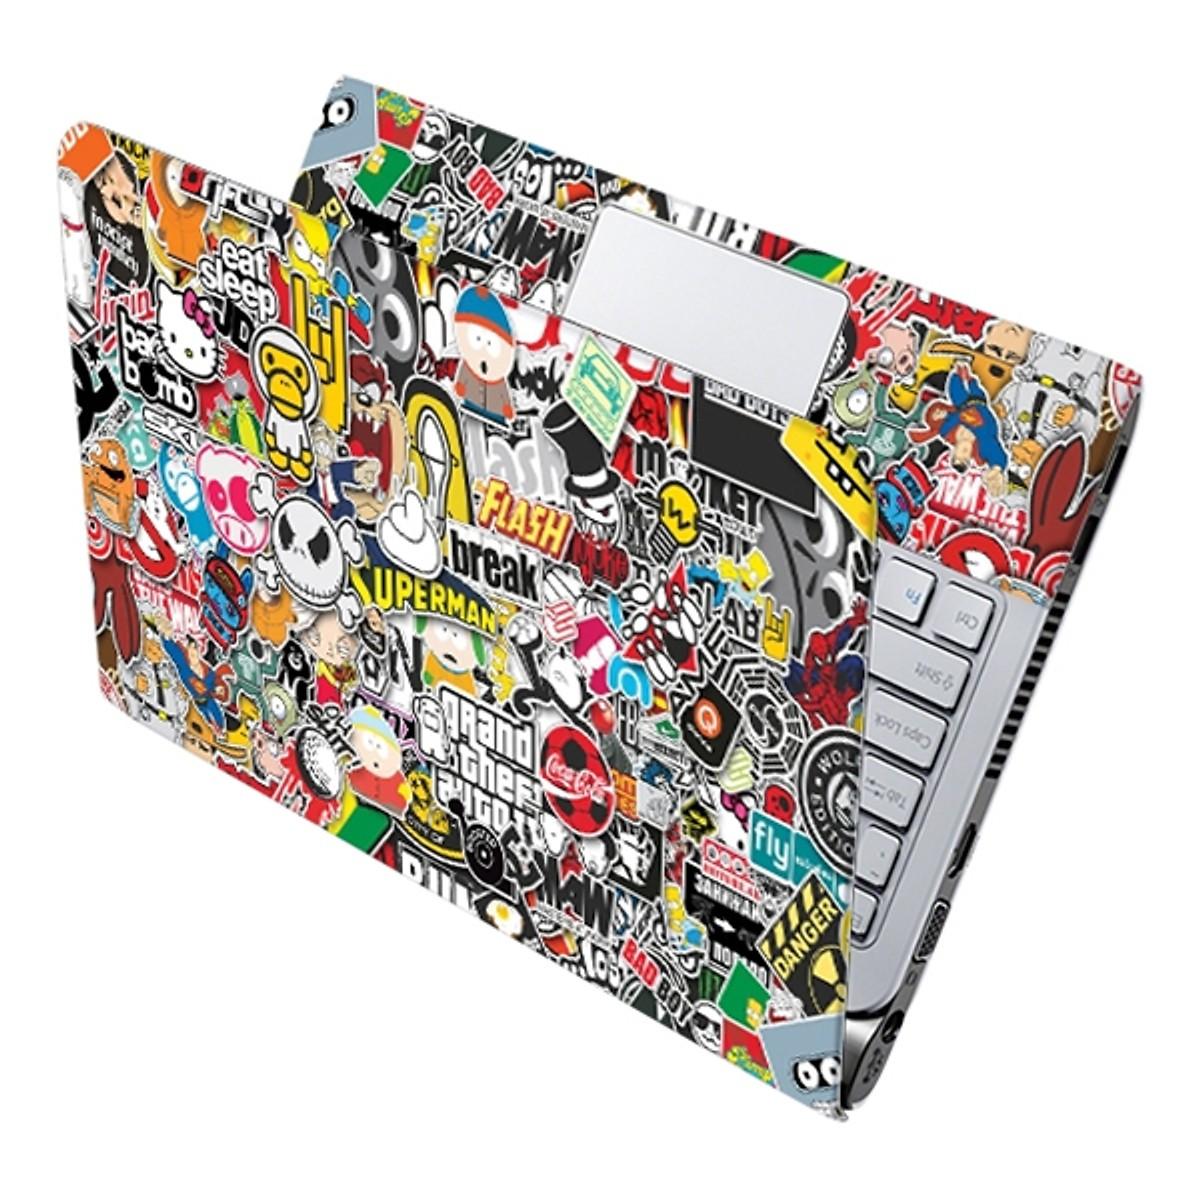 Mẫu Dán Decal Laptop Hoạt Hình Laptop LTHH-162 cỡ 13 inch